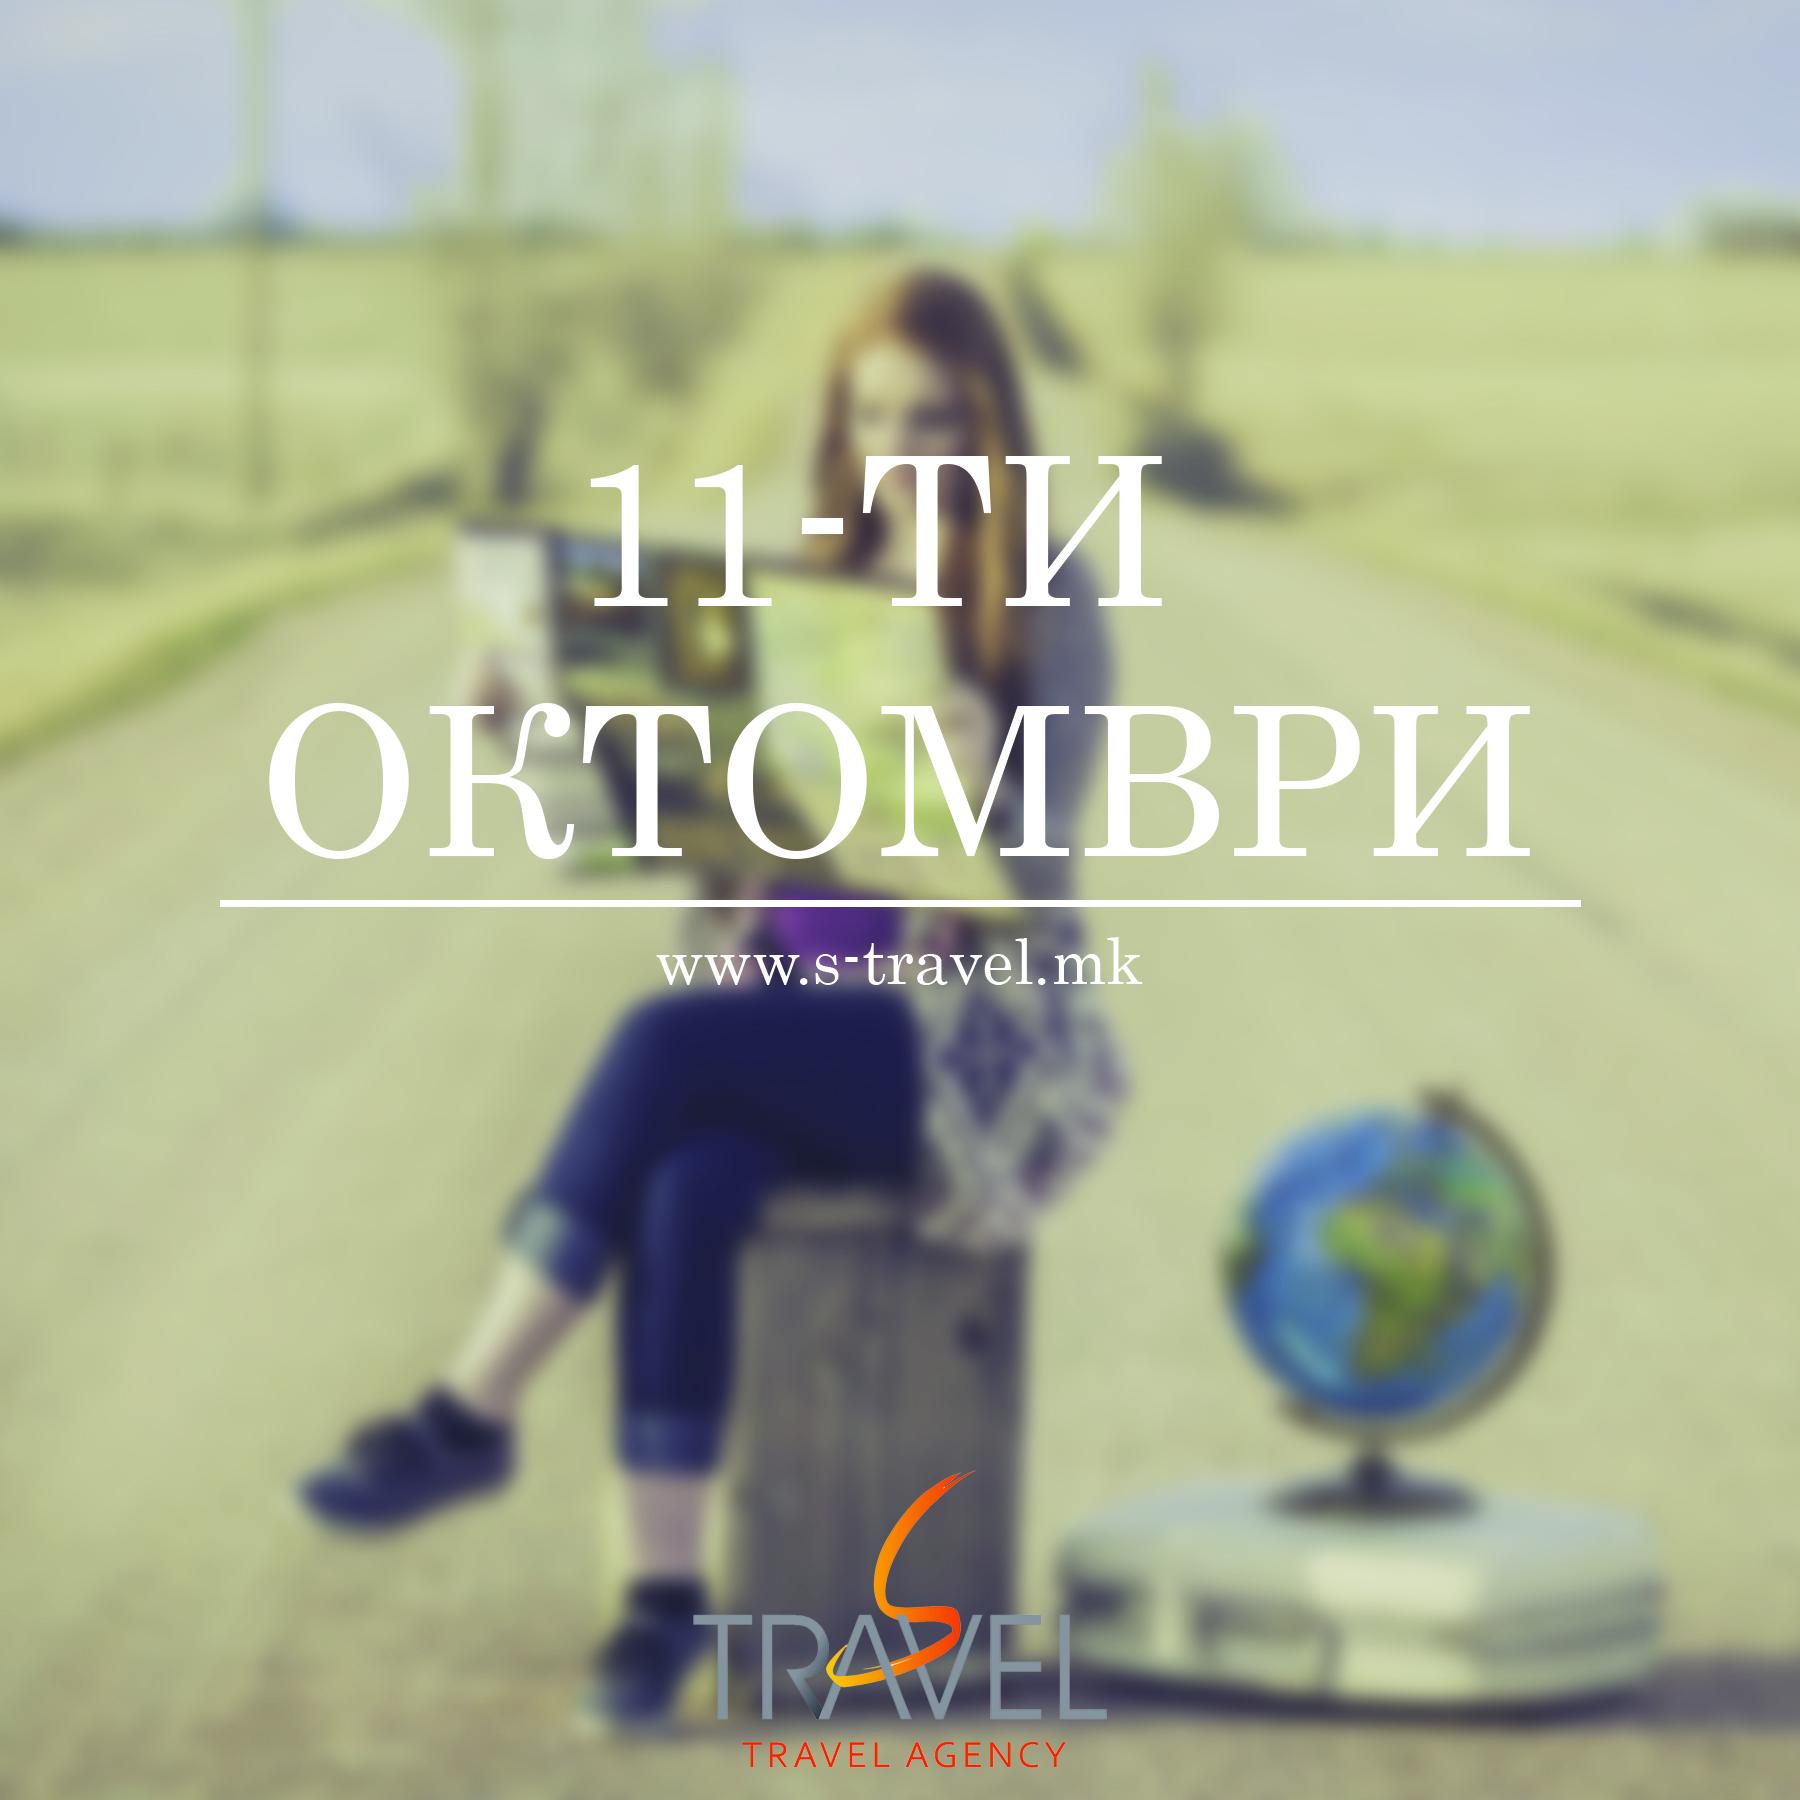 11ТИ ОКТОМВРИ